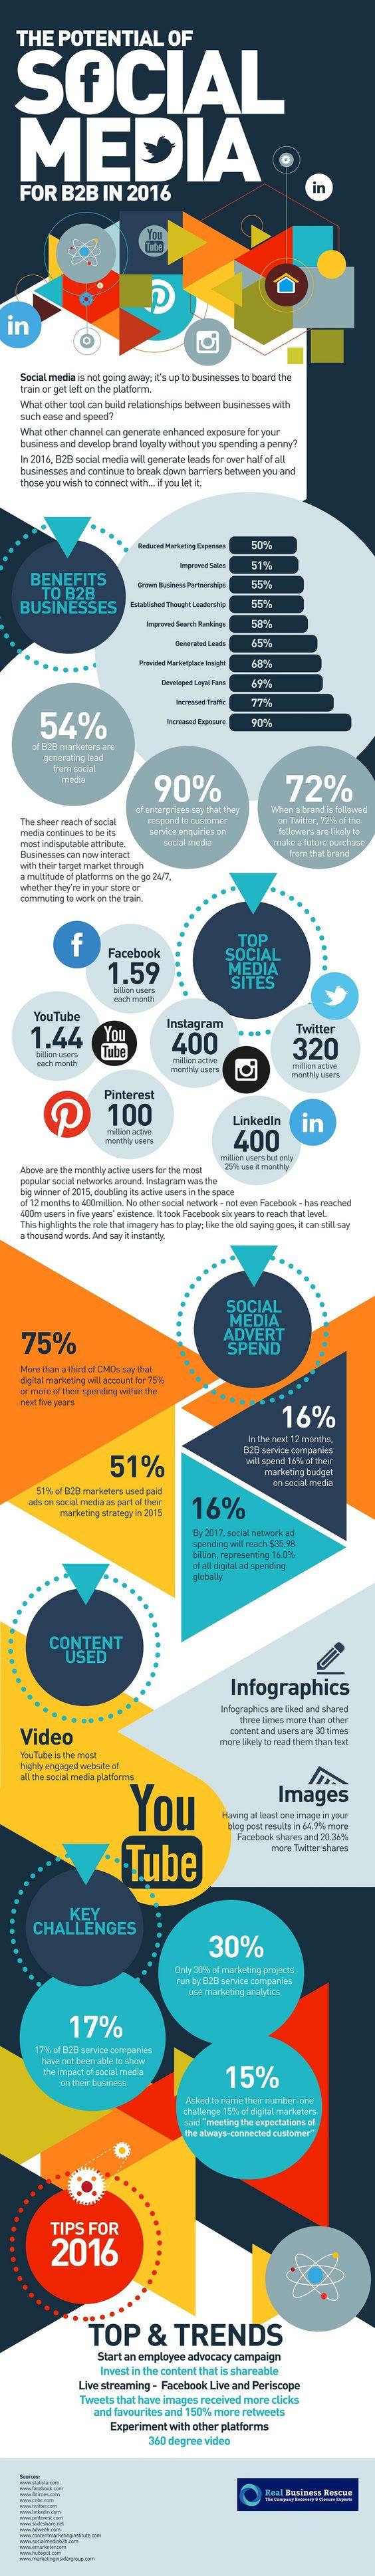 B2B et médias sociaux en 2016